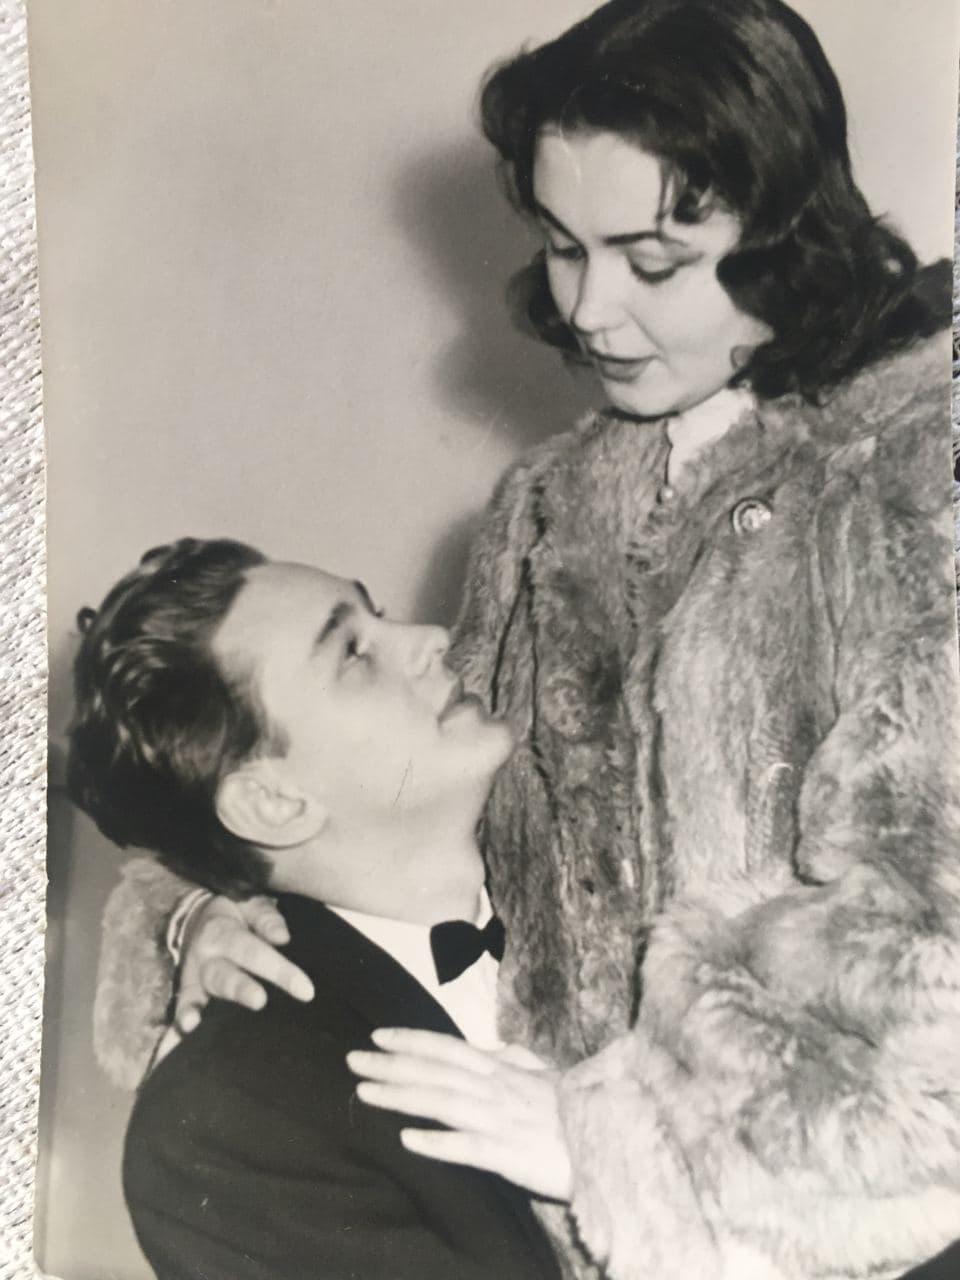 Актори завжди підтримували зв'язок телефоном / фотоз особистого архіву Жанни Тугай